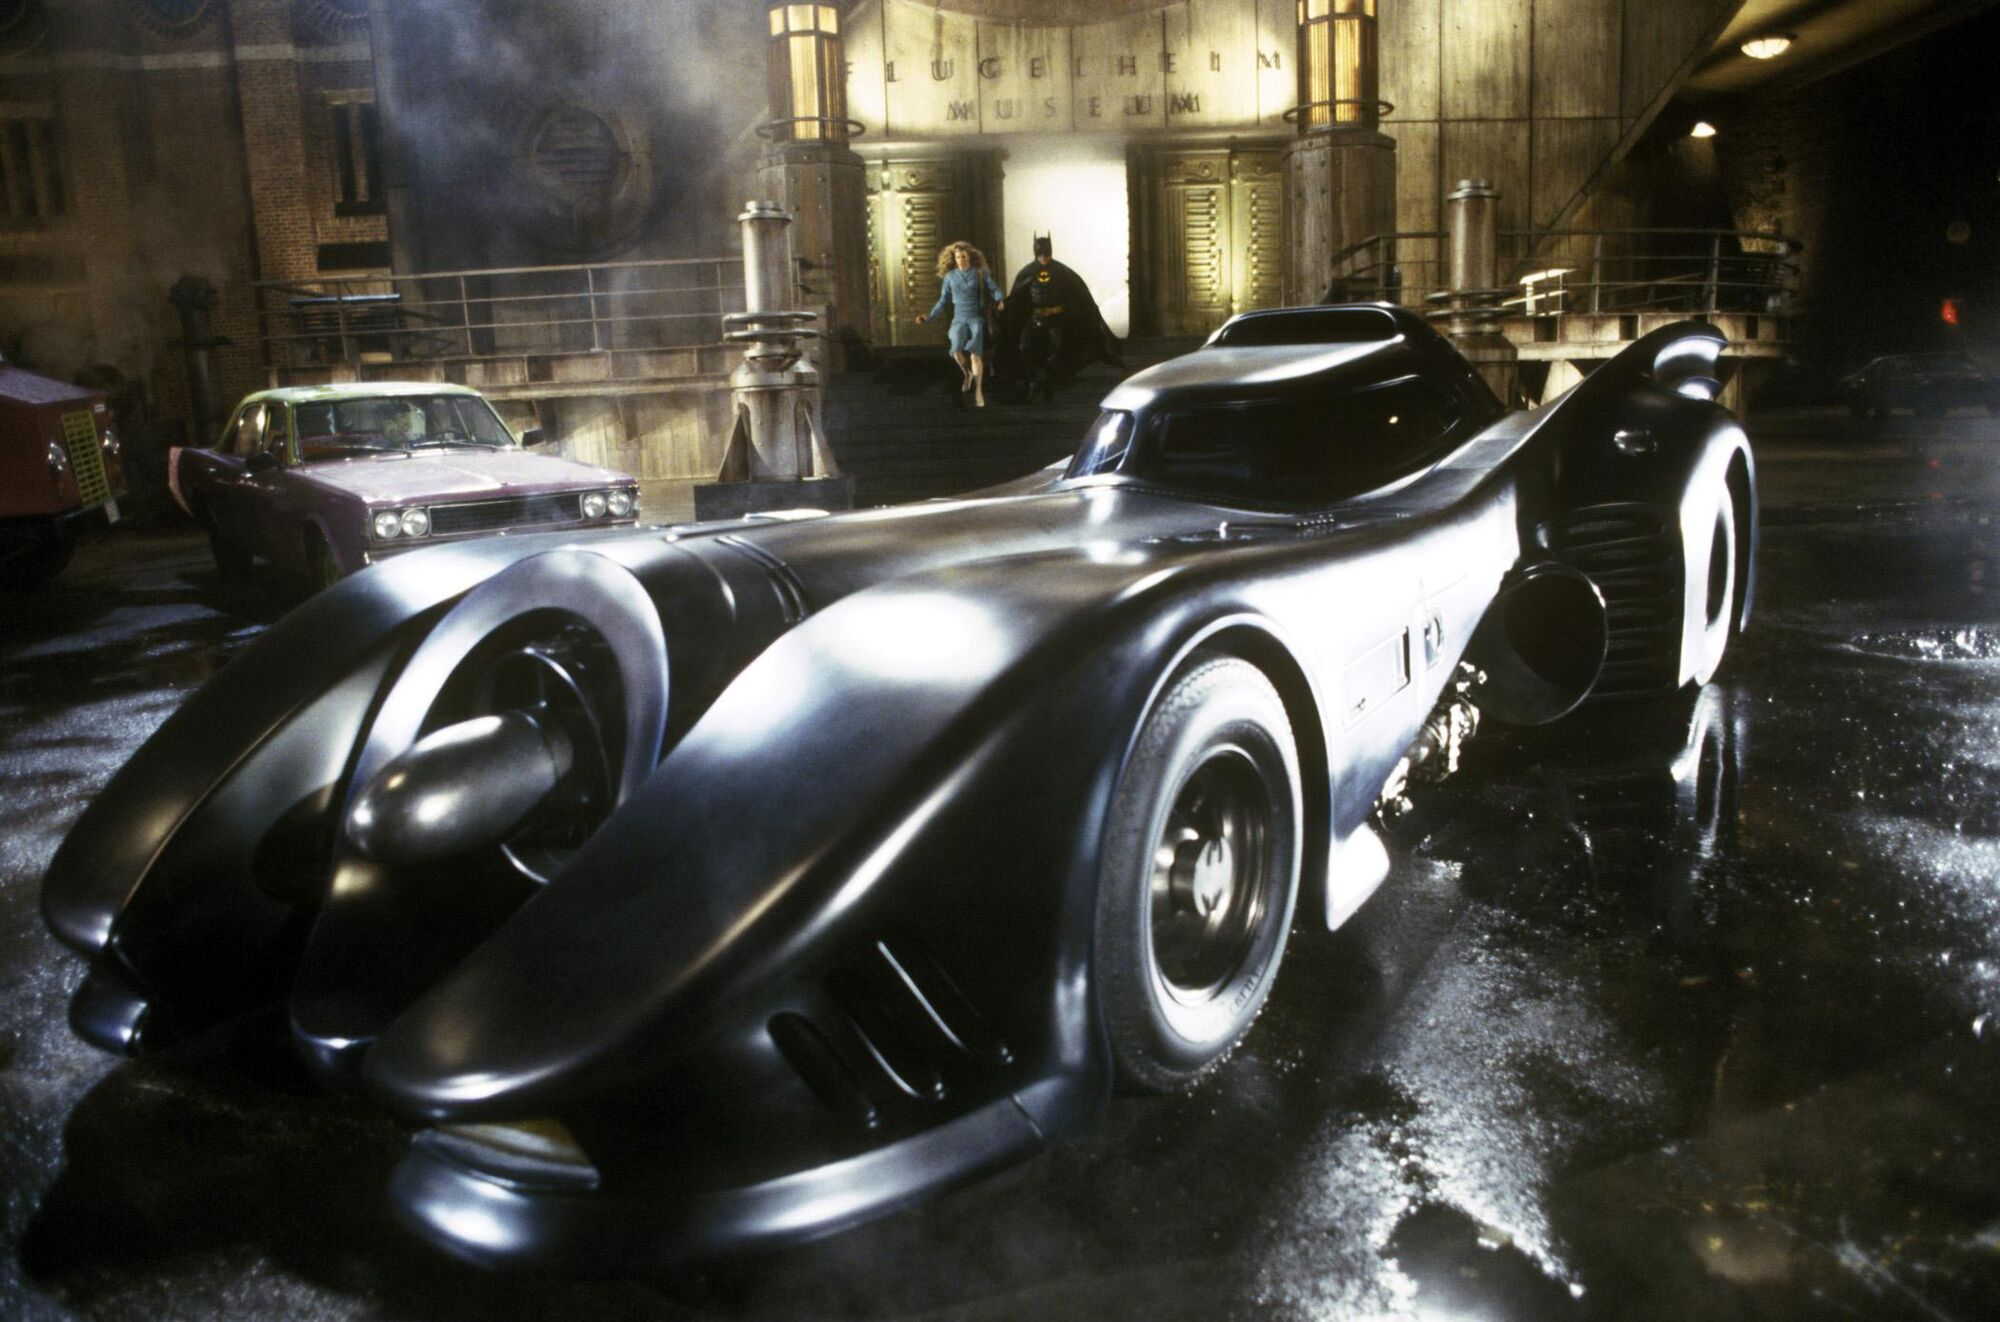 Image result for michael keaton batman car